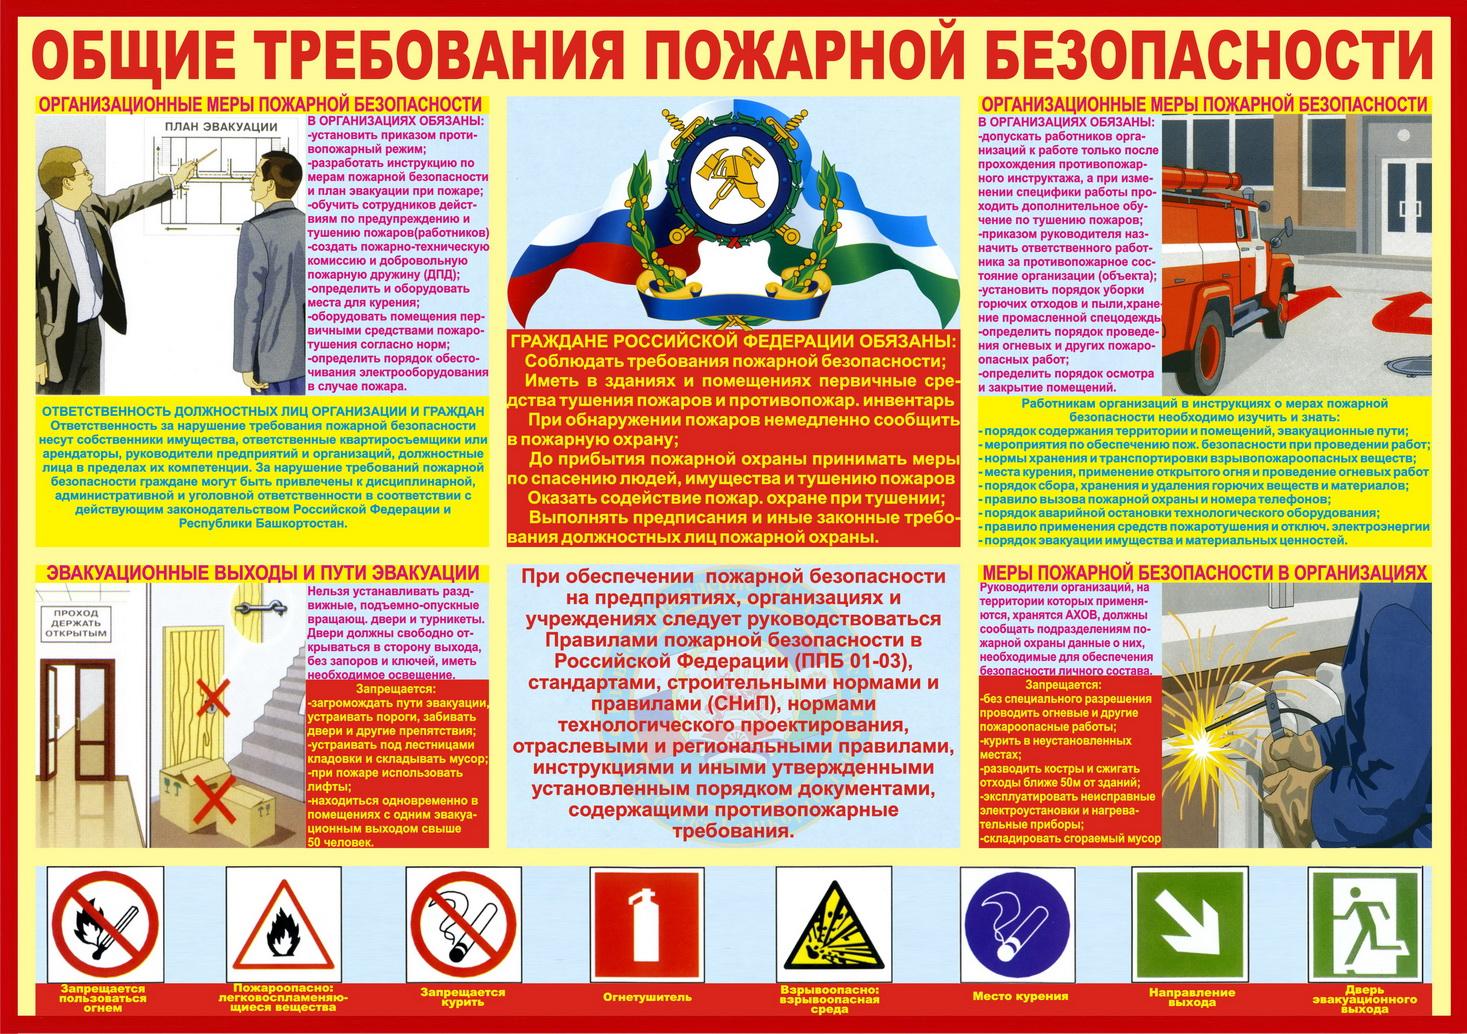 картинки о пожарной безопасности